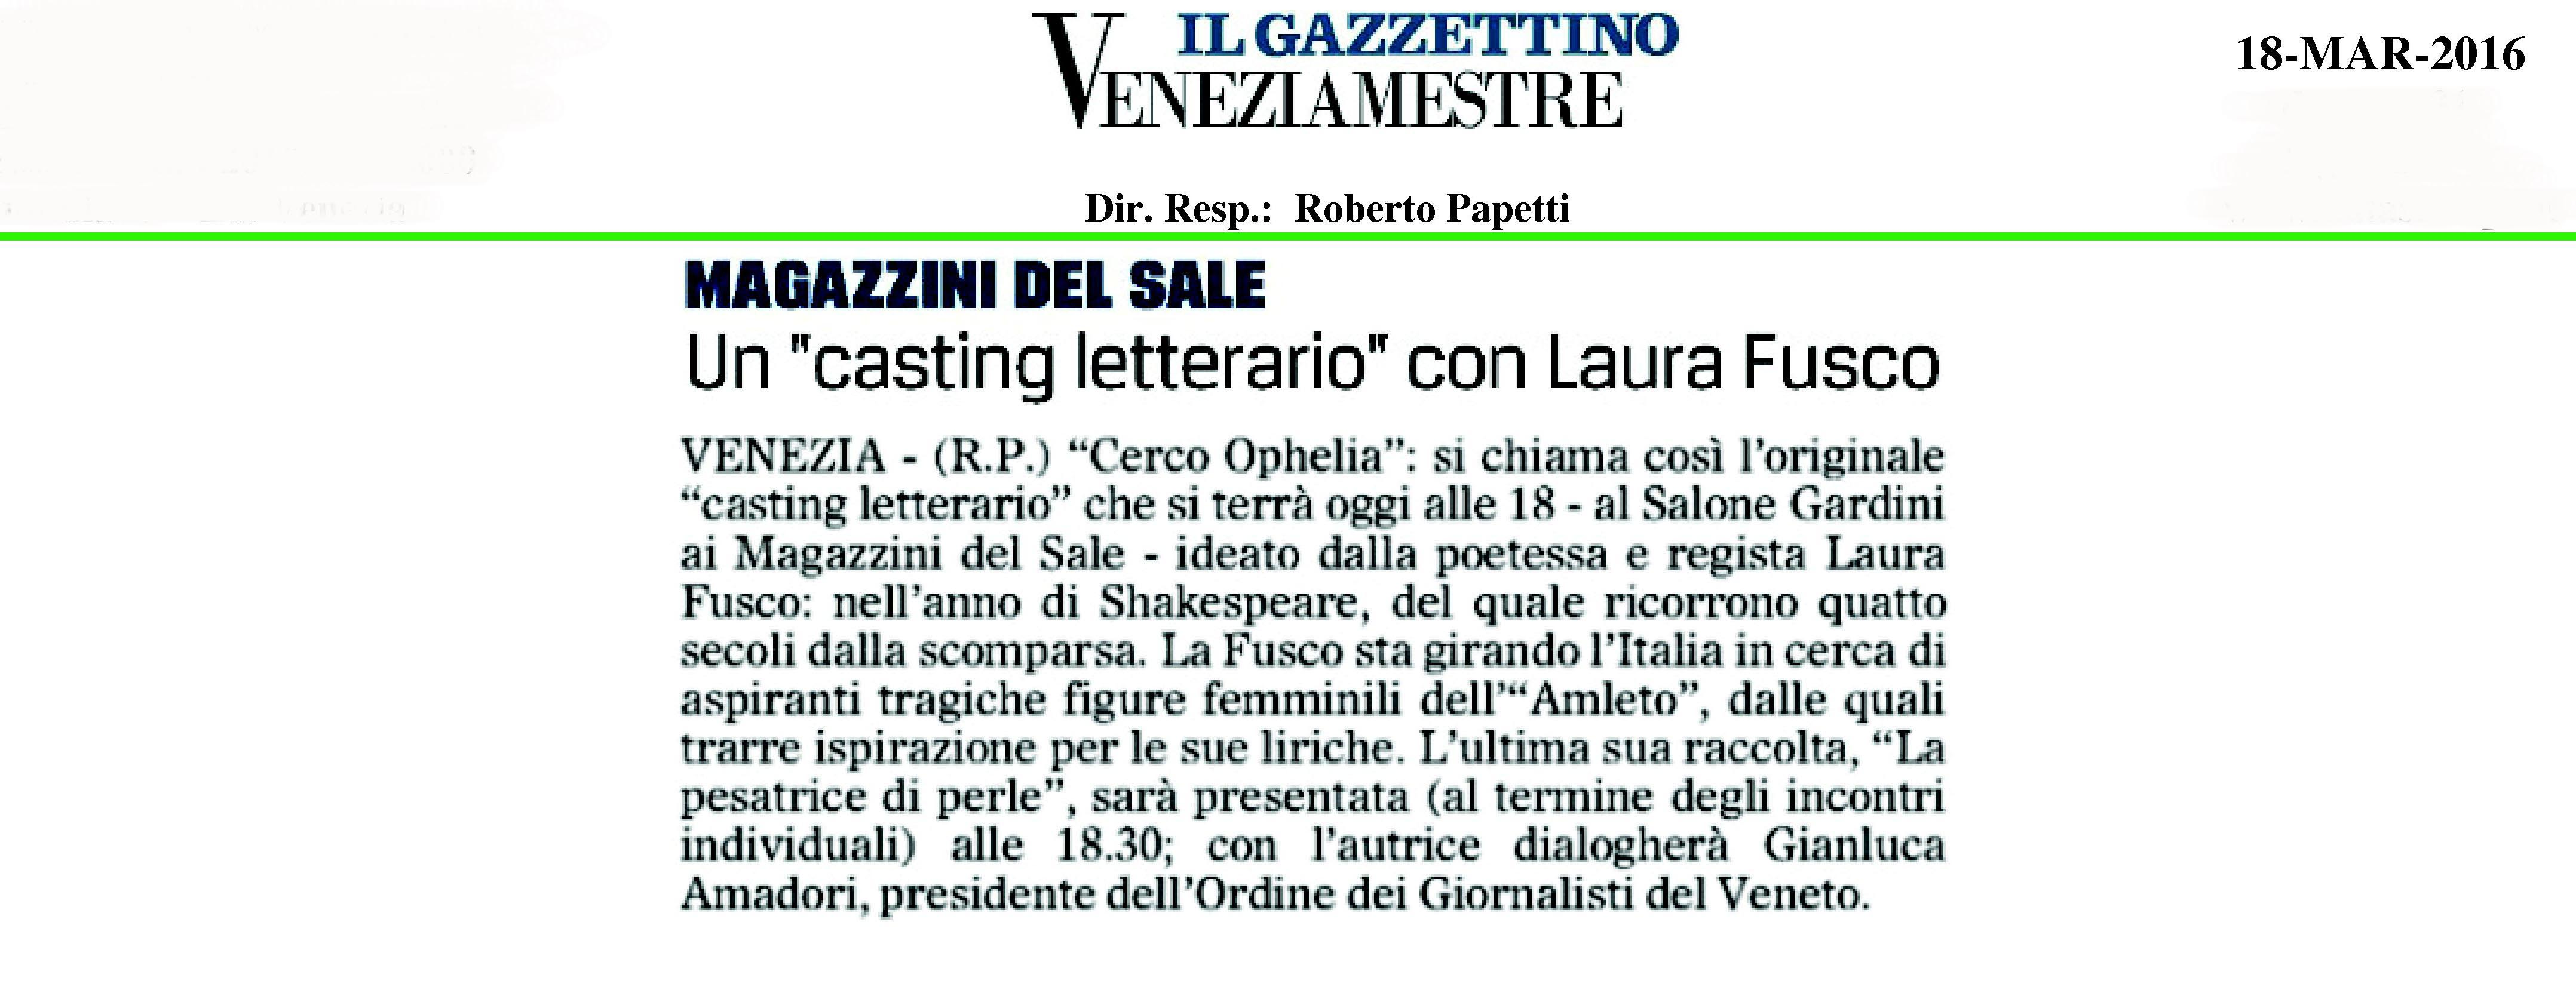 Un casting letterario con Laura Fusco